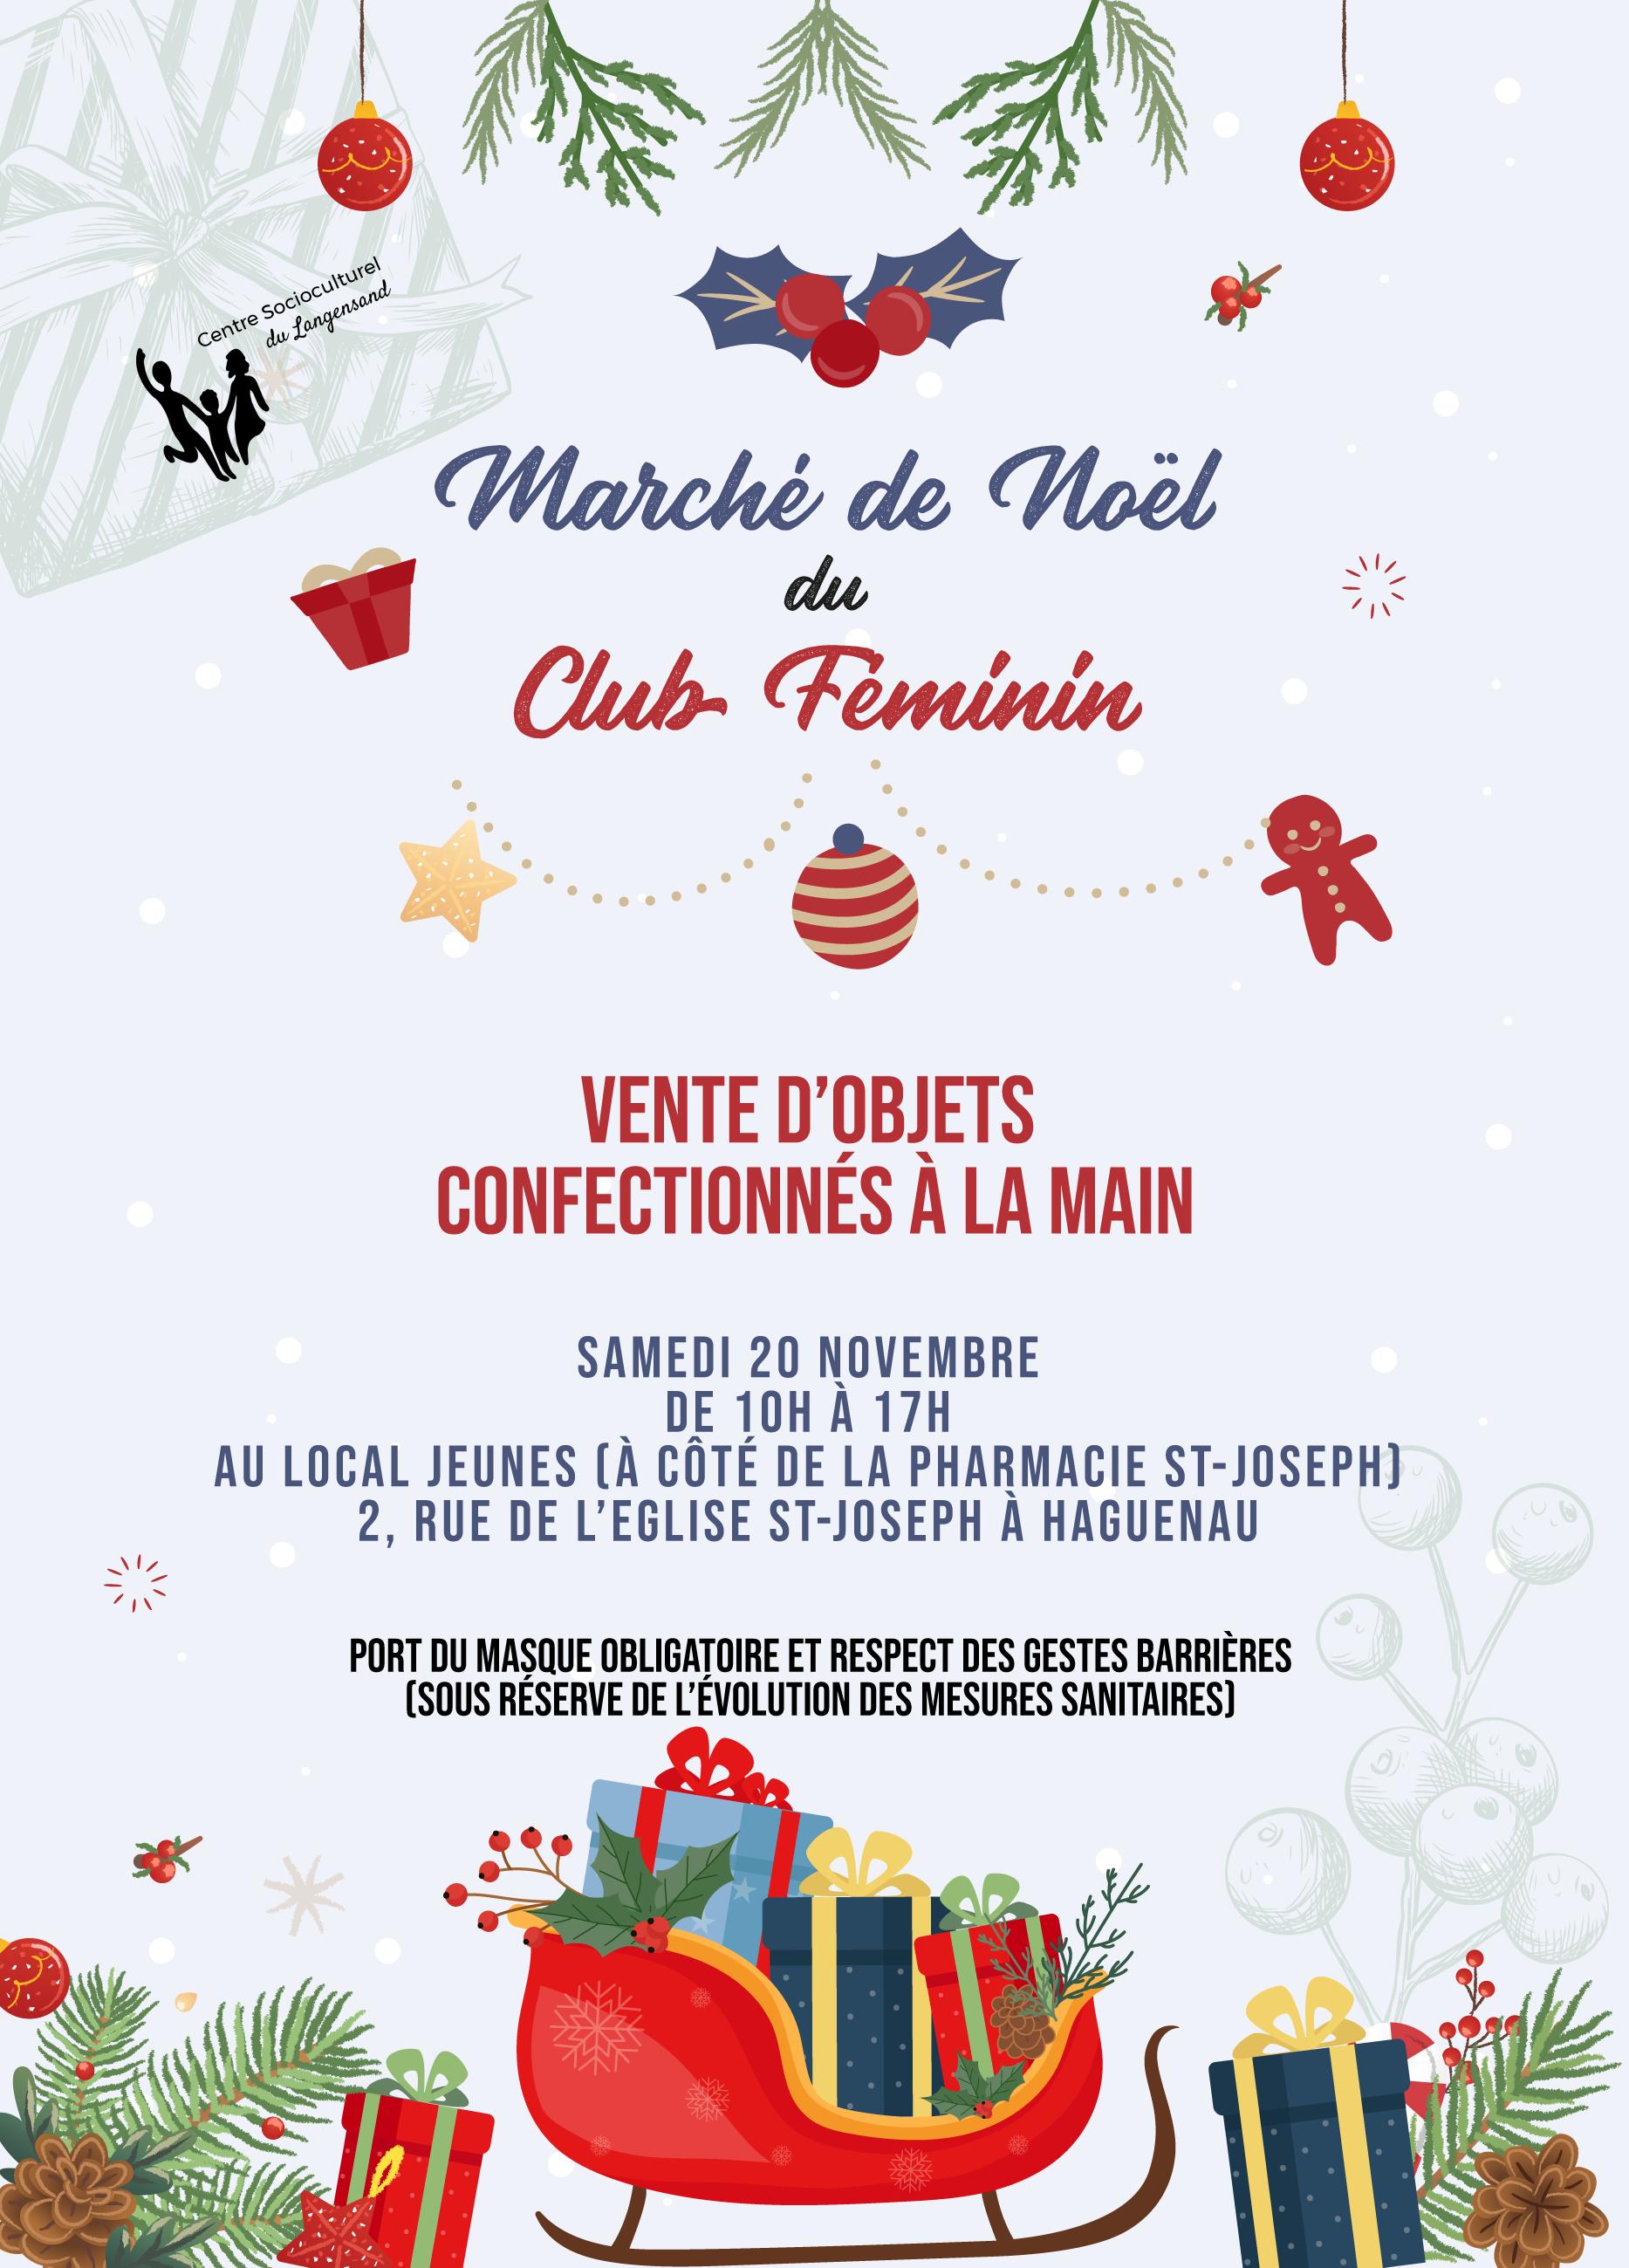 Marché de Noël du Club Féminin